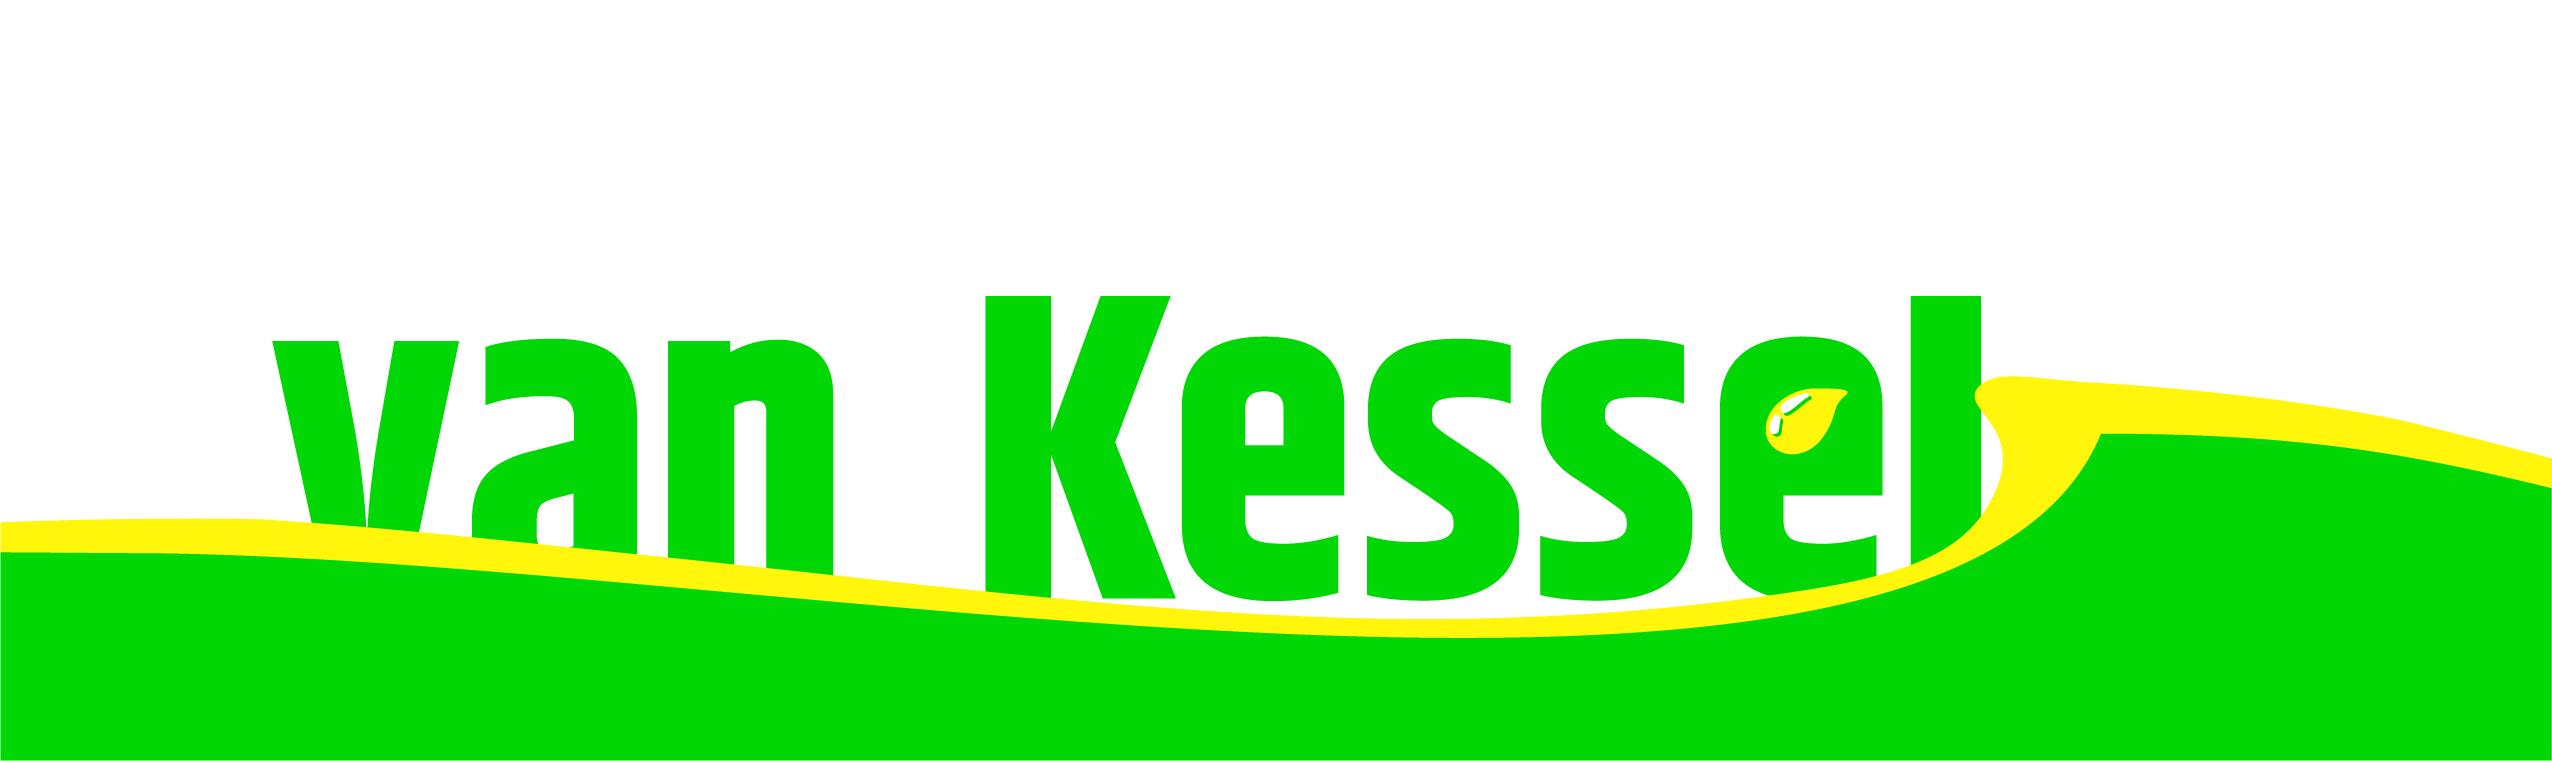 Van Kessel Olie Milheeze